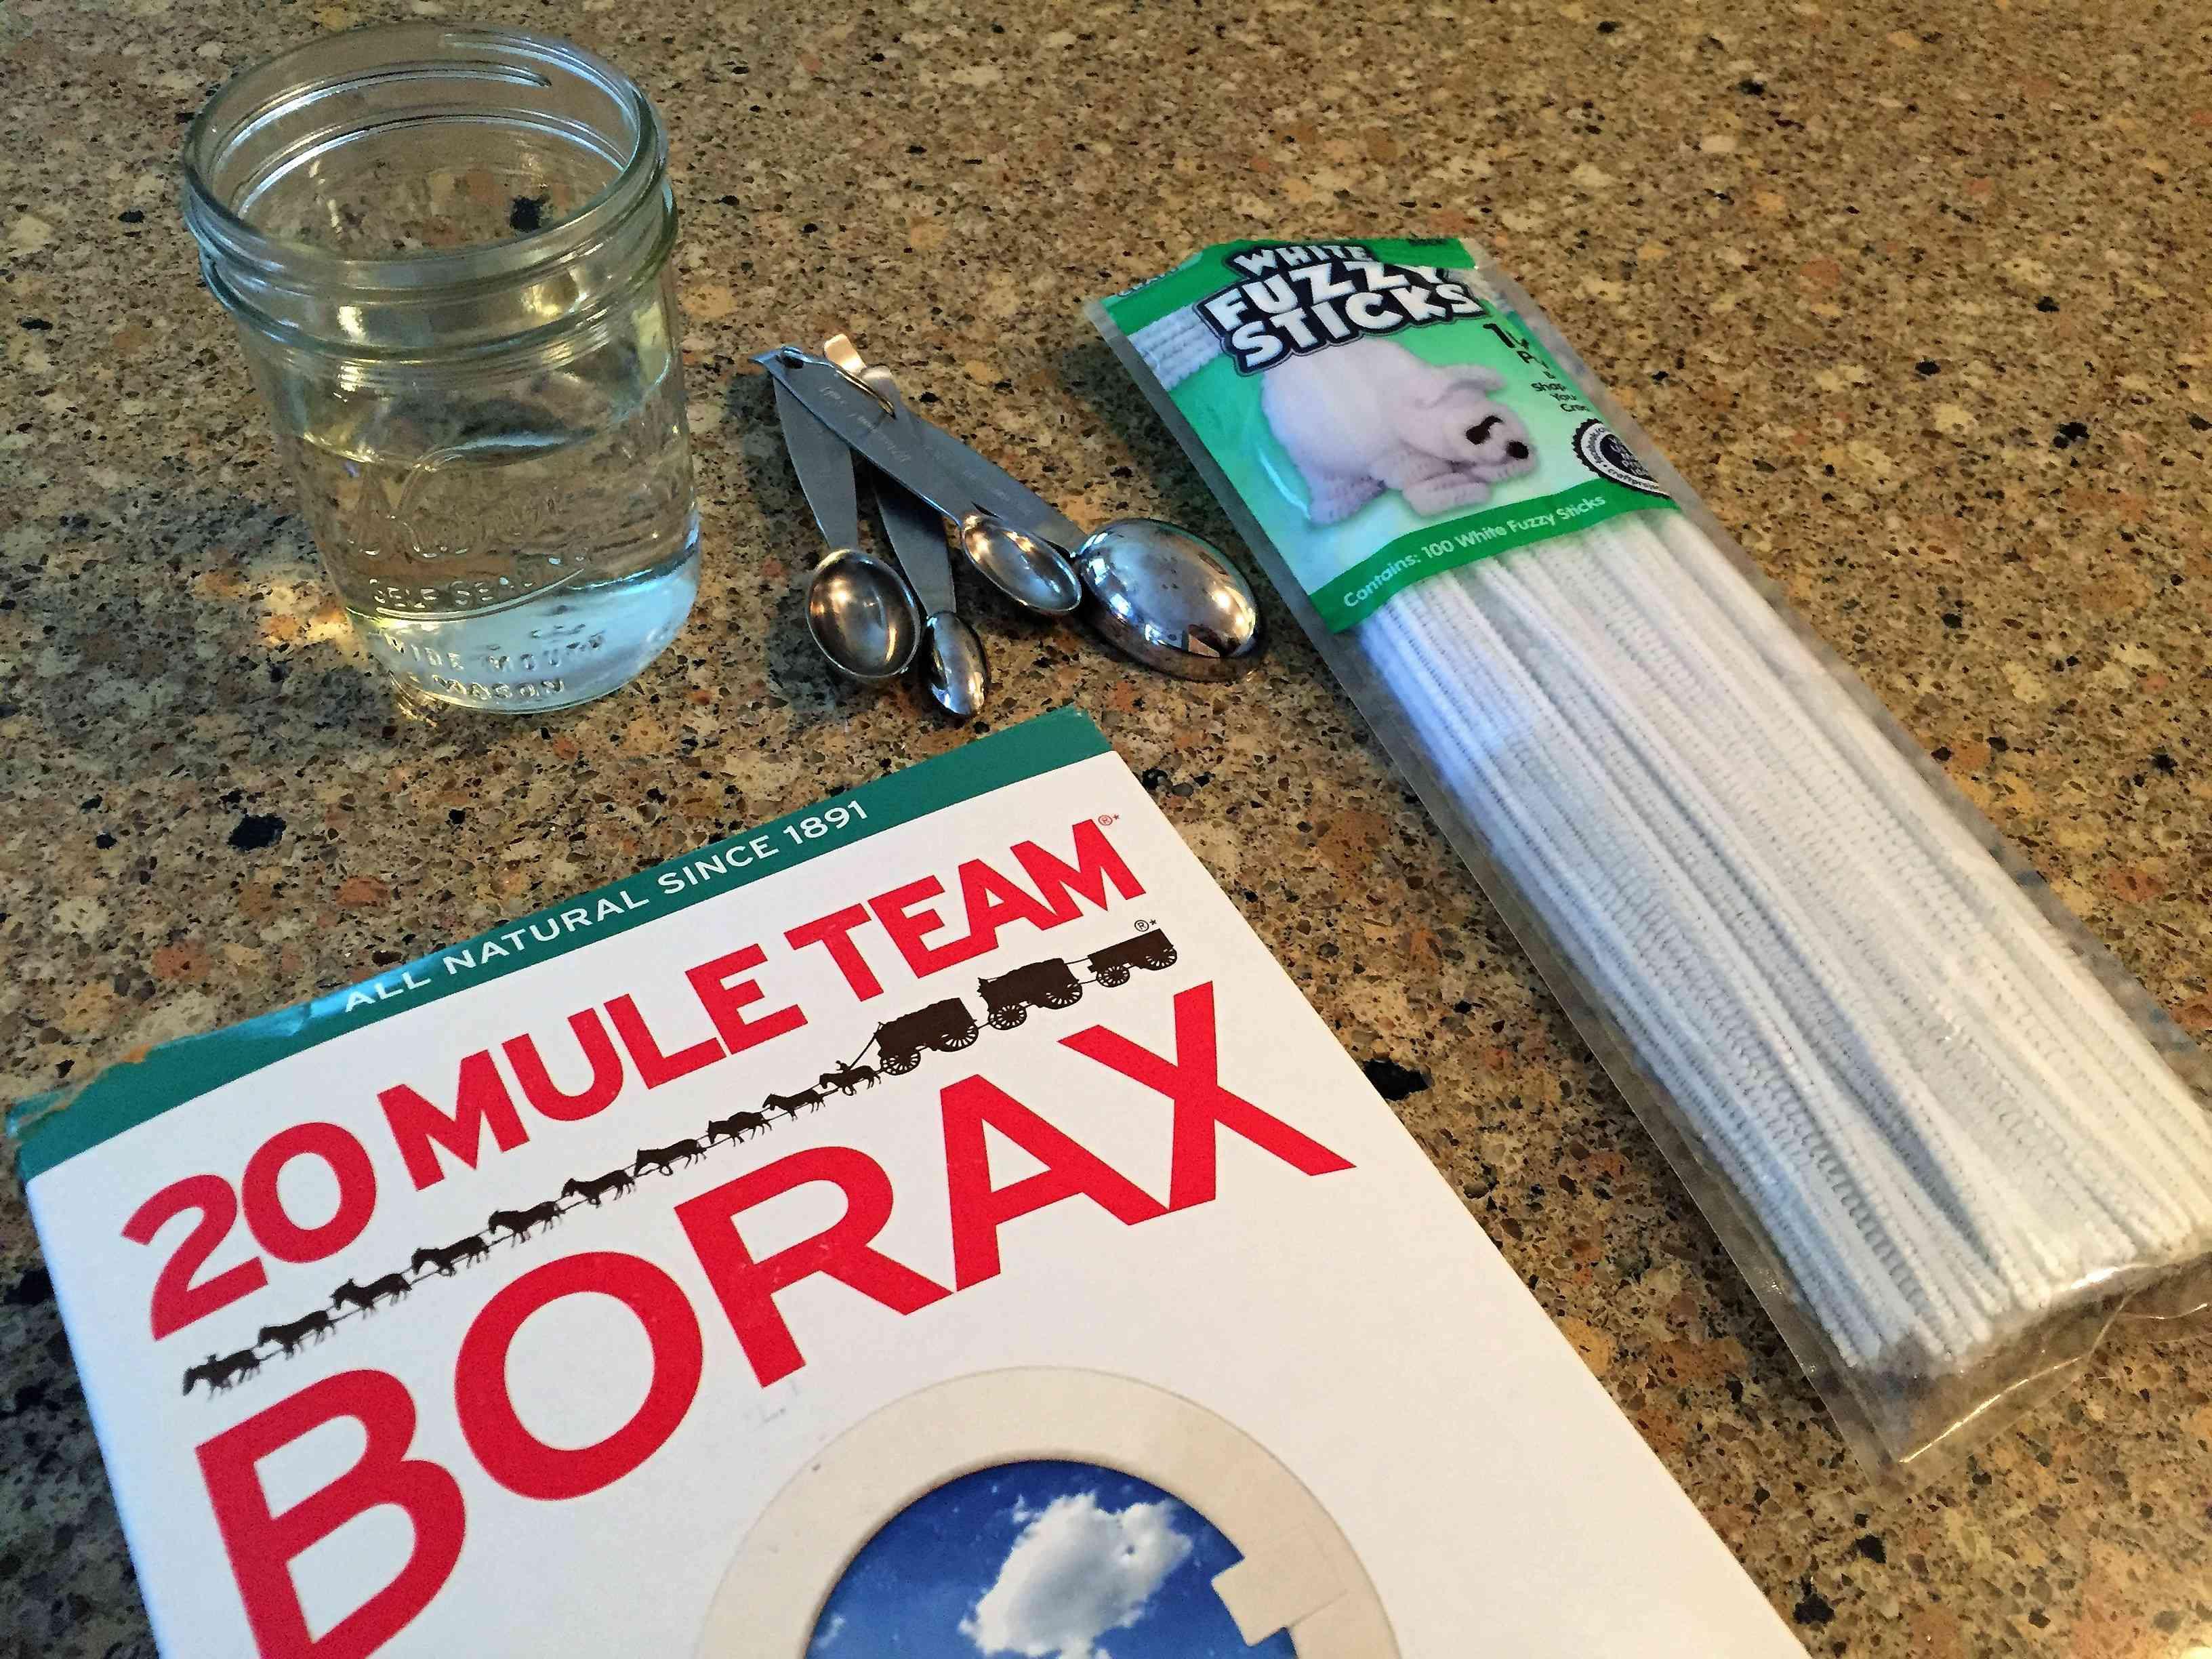 Borax Crystals Supplies